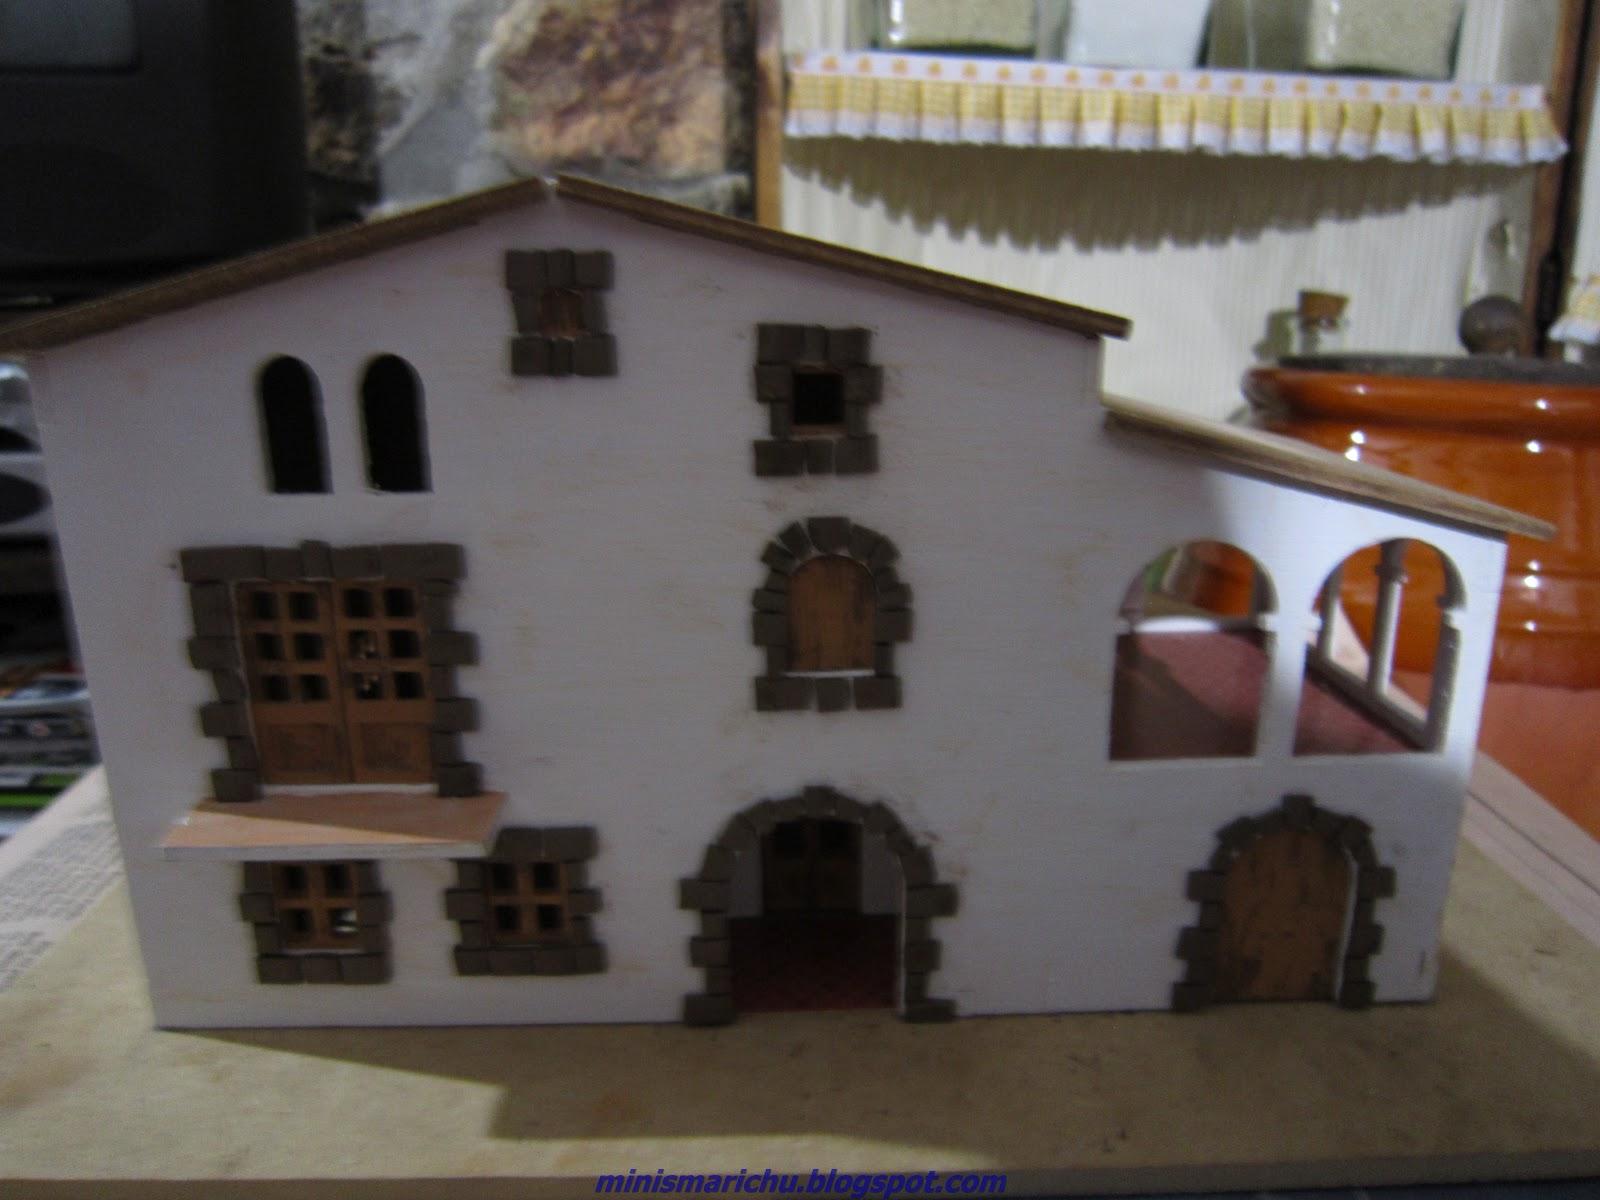 Las minis de marichu casa andaluza 1 60 for Casa andaluza